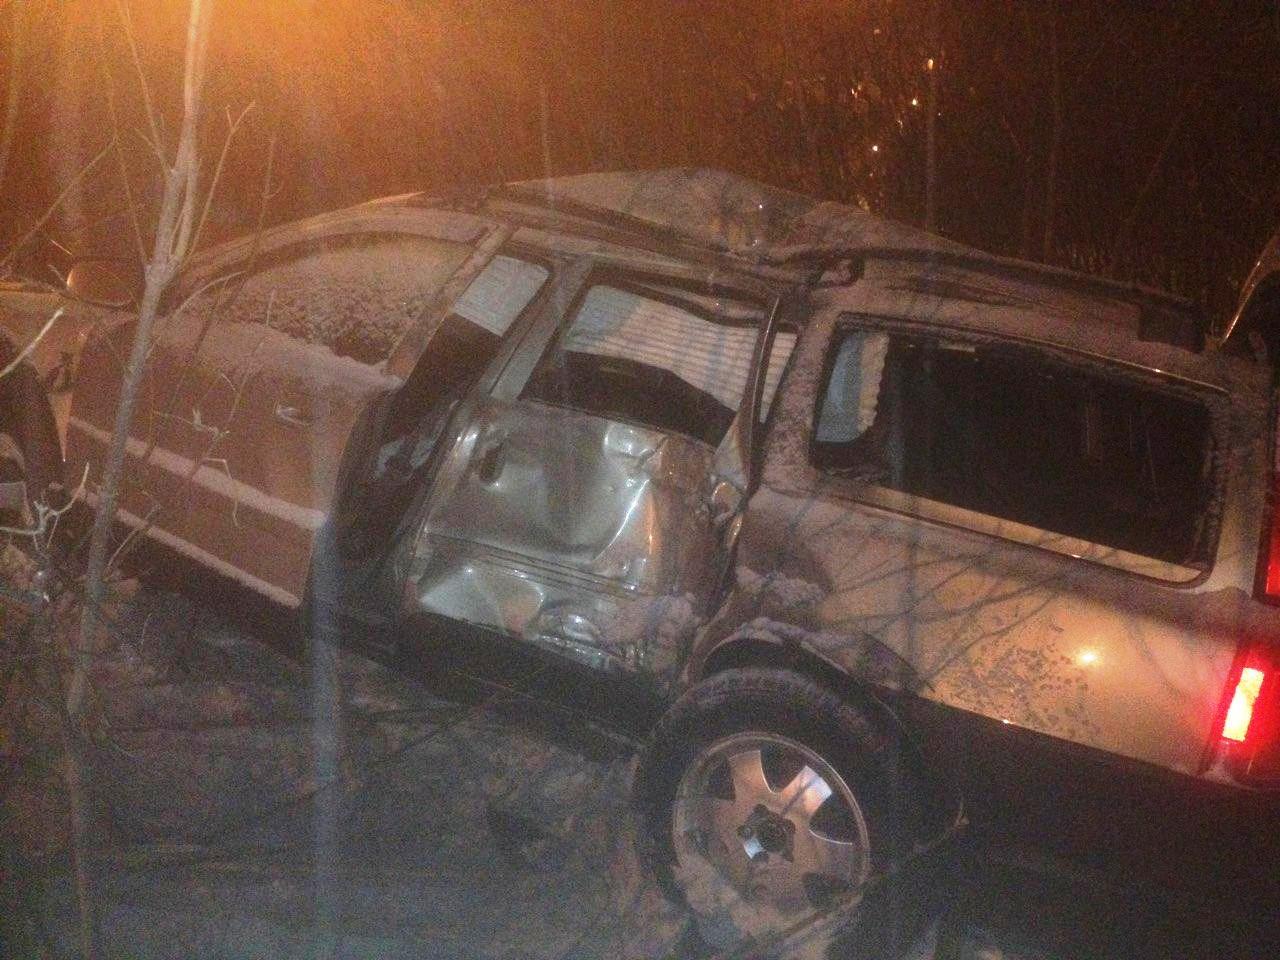 В Тольятти пьяный на «Вольво» влетел в столб. Один человек погиб, трое в больнице